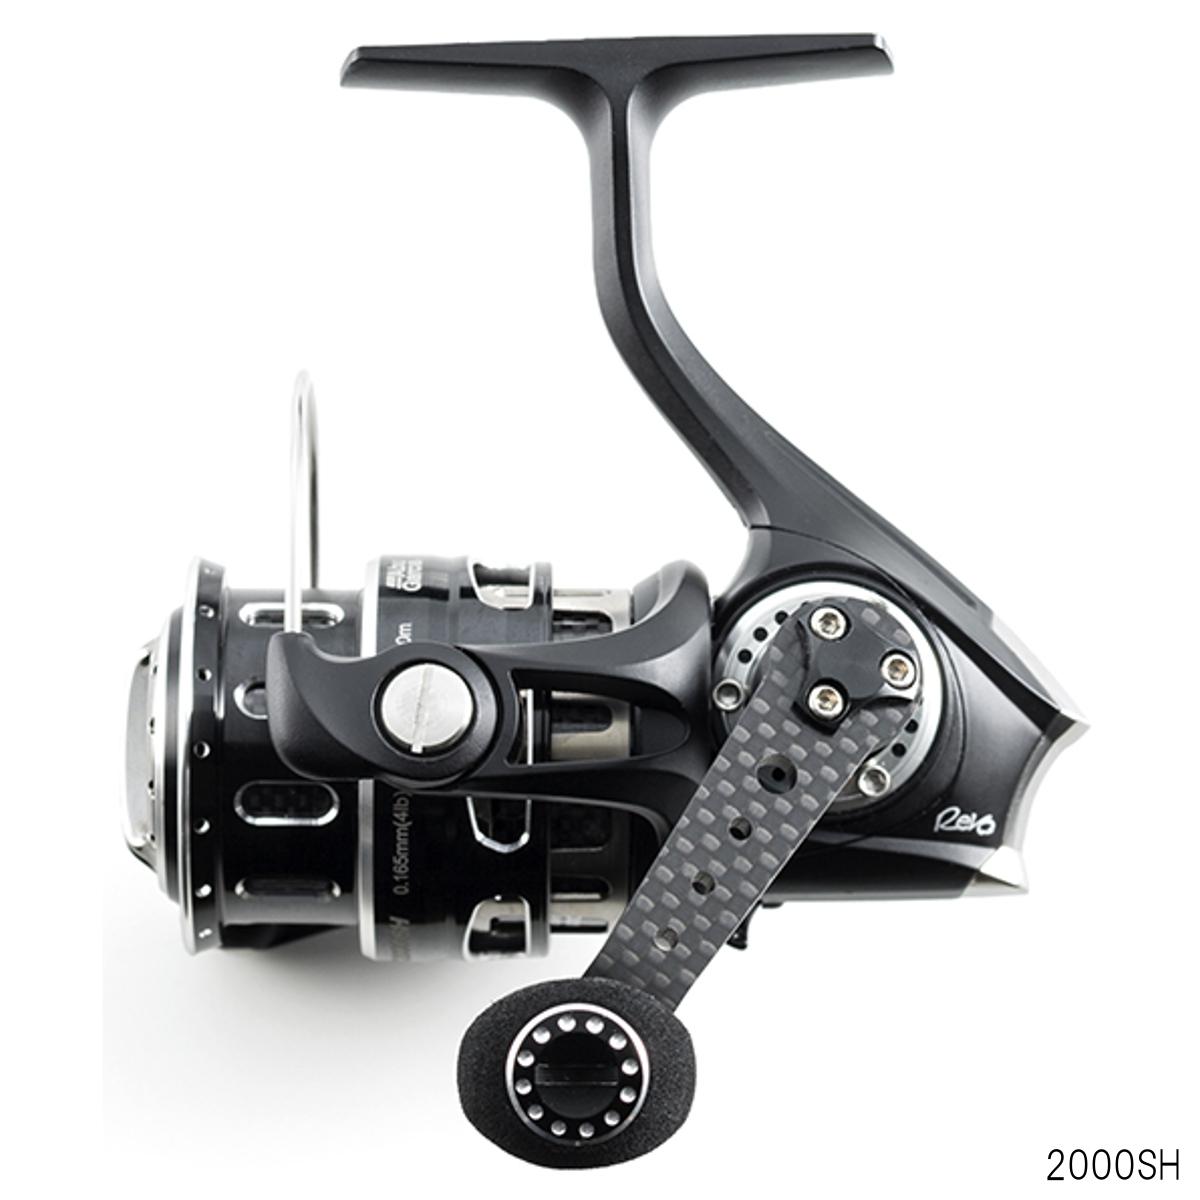 レボ MGX 2000SH